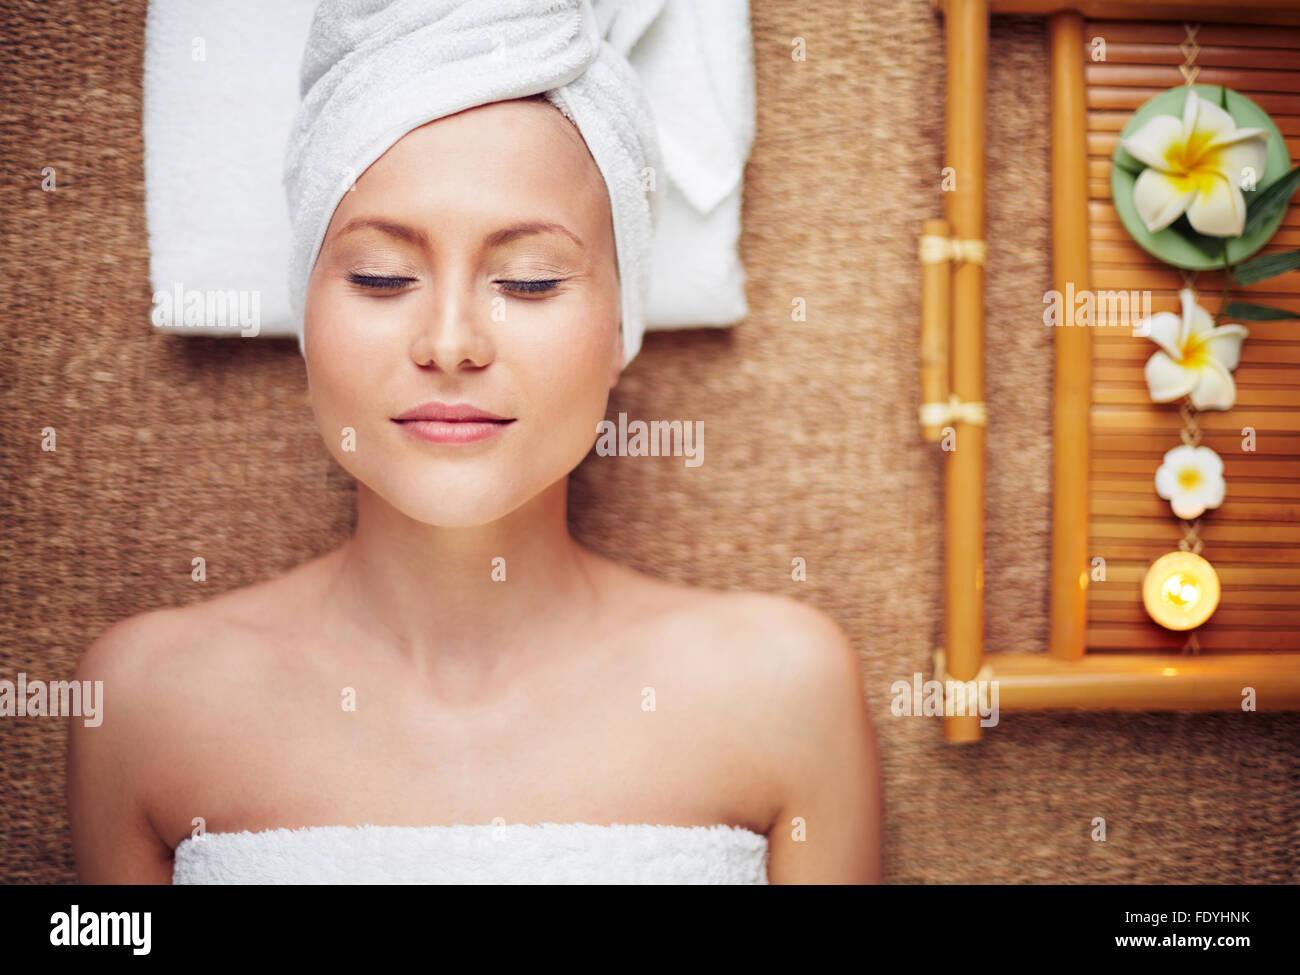 Giovane donna con gli occhi chiusi rilassarsi nel salone di bellezza Immagini Stock